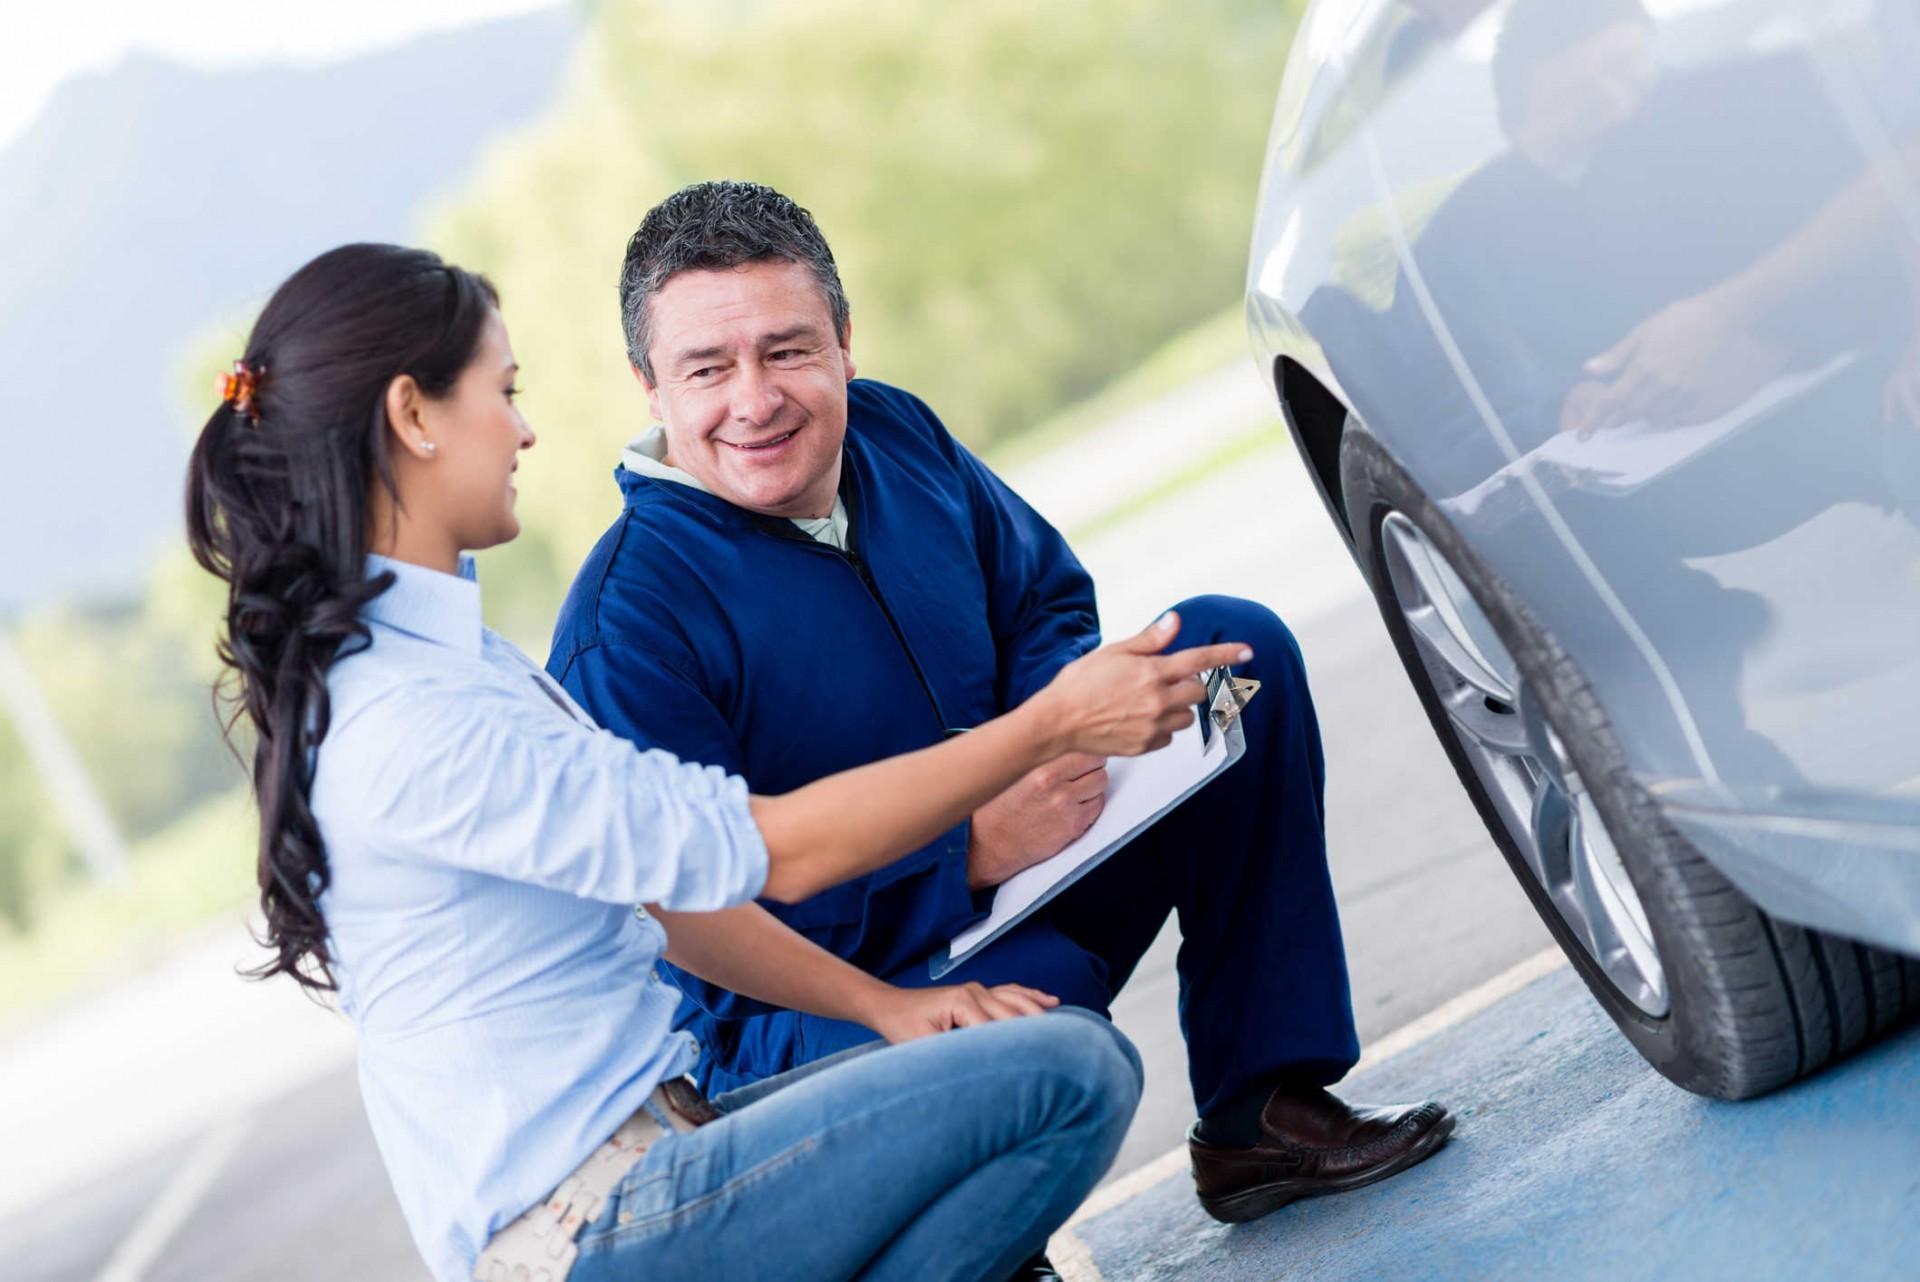 מהו הסדר חיבוק בתביעת נזקי רכוש לרכב עקב תאונת דרכים?